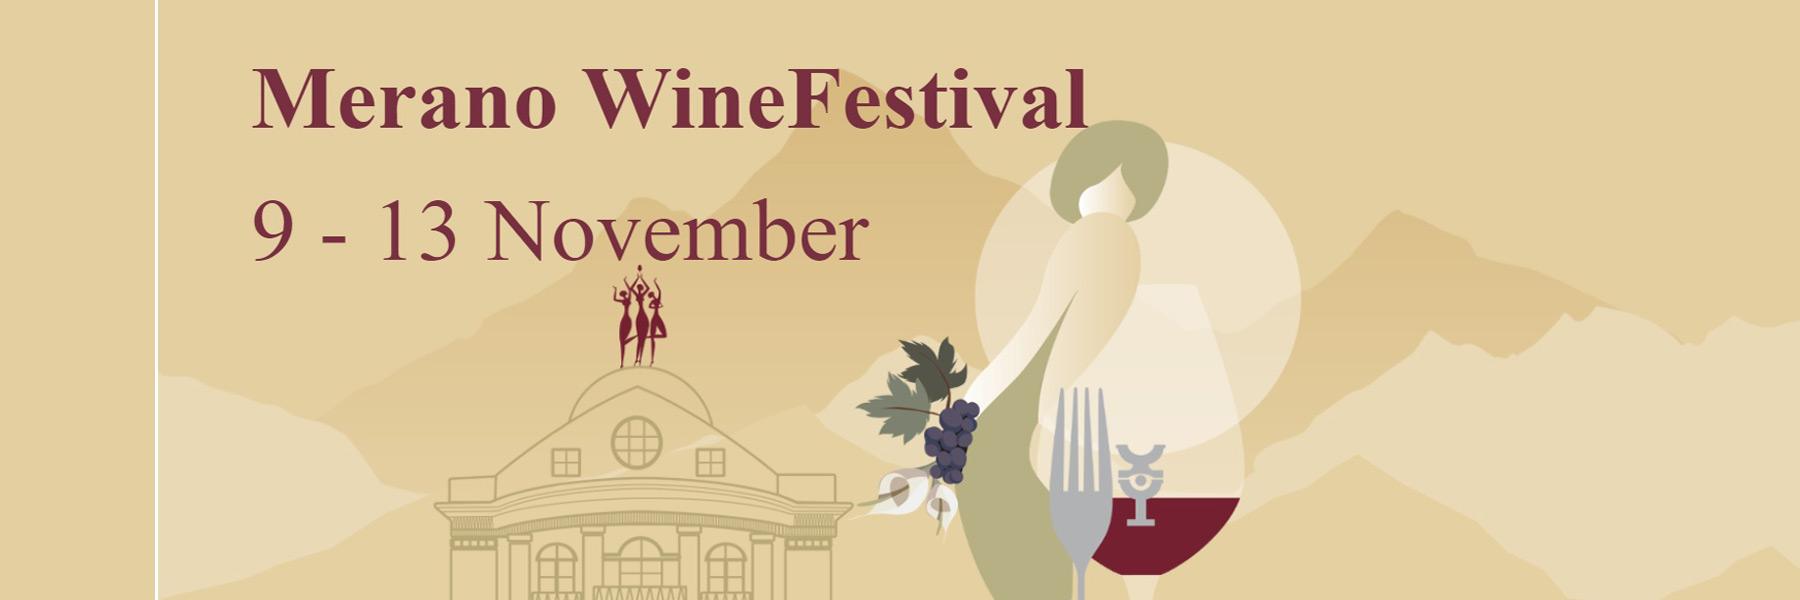 Al Merano WineFestival si parla del futuro del vino